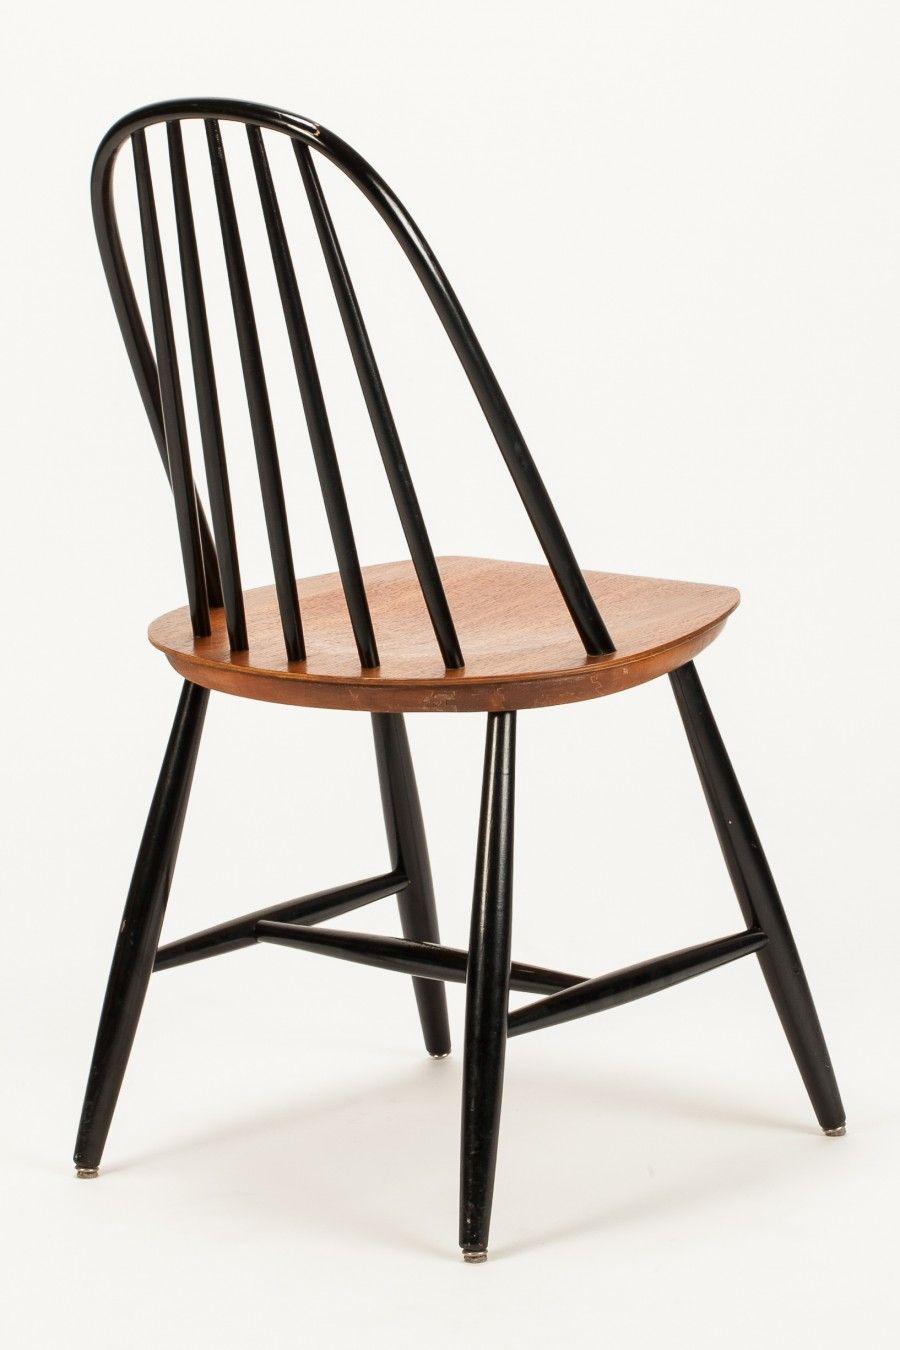 6 carl malmsten stühle schweden | stühle, stuhl design, schweden